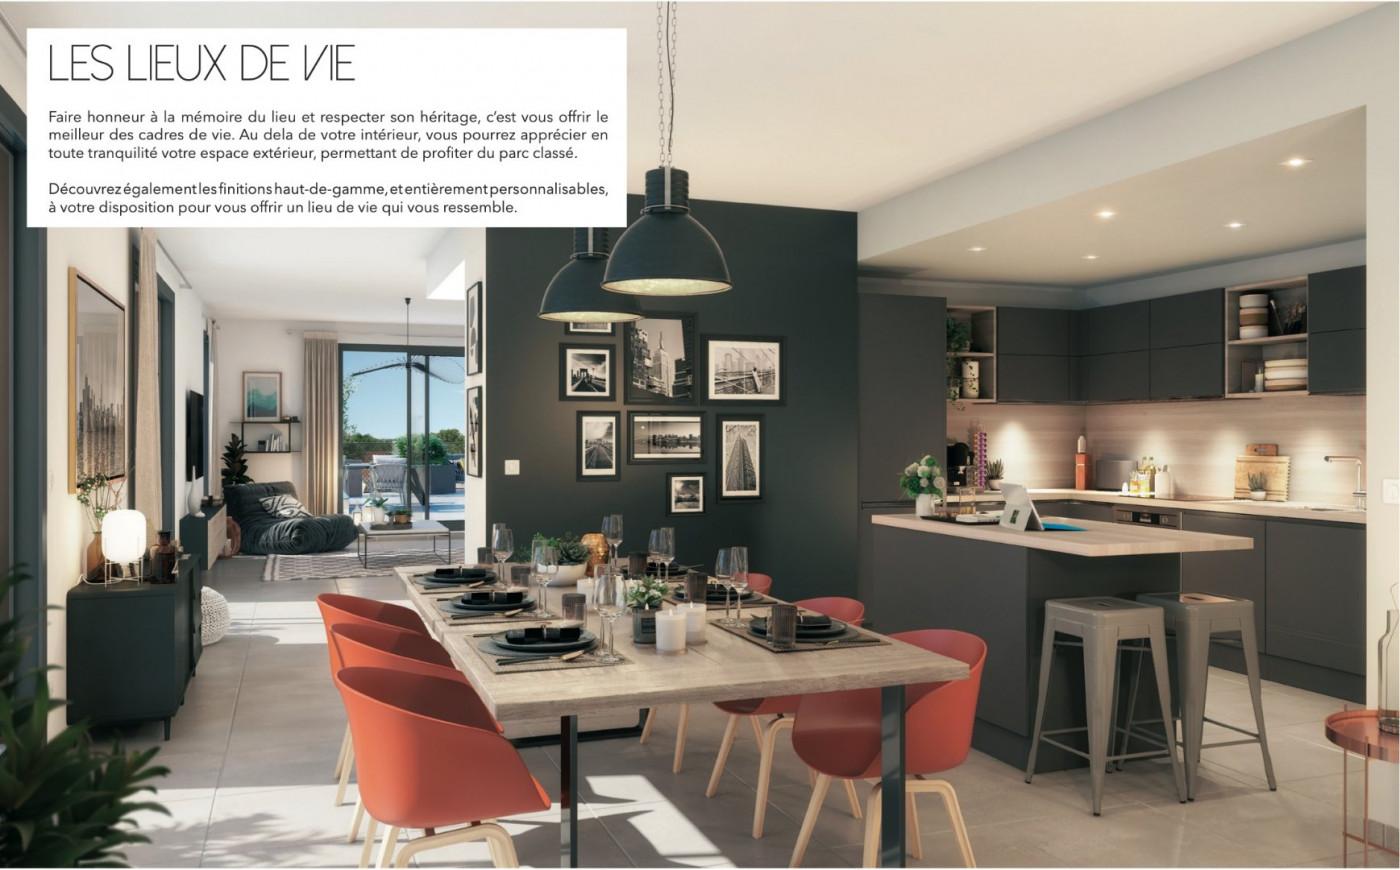 A vendre  Montpellier | Réf 3456260787 - Comptoir immobilier de france